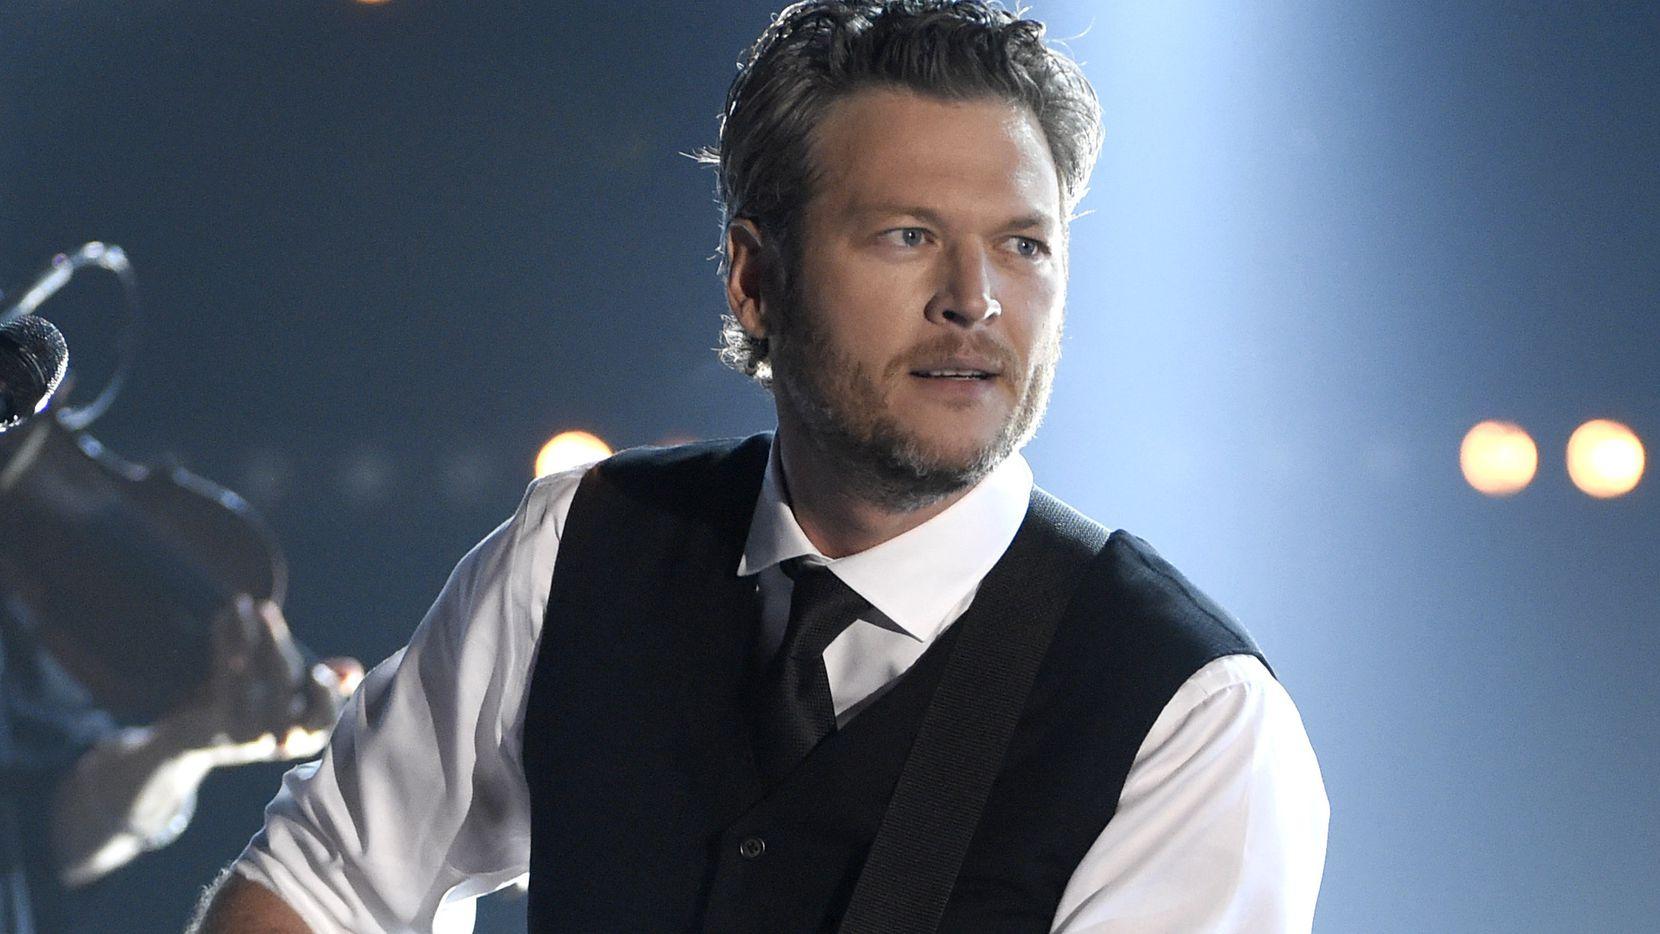 """Blake Shelton fue nombrado el """"Hombre vivo más sexy"""" del 2017 por la revista People.(Foto por Chris Pizzello/Invision/AP, Archivo)"""